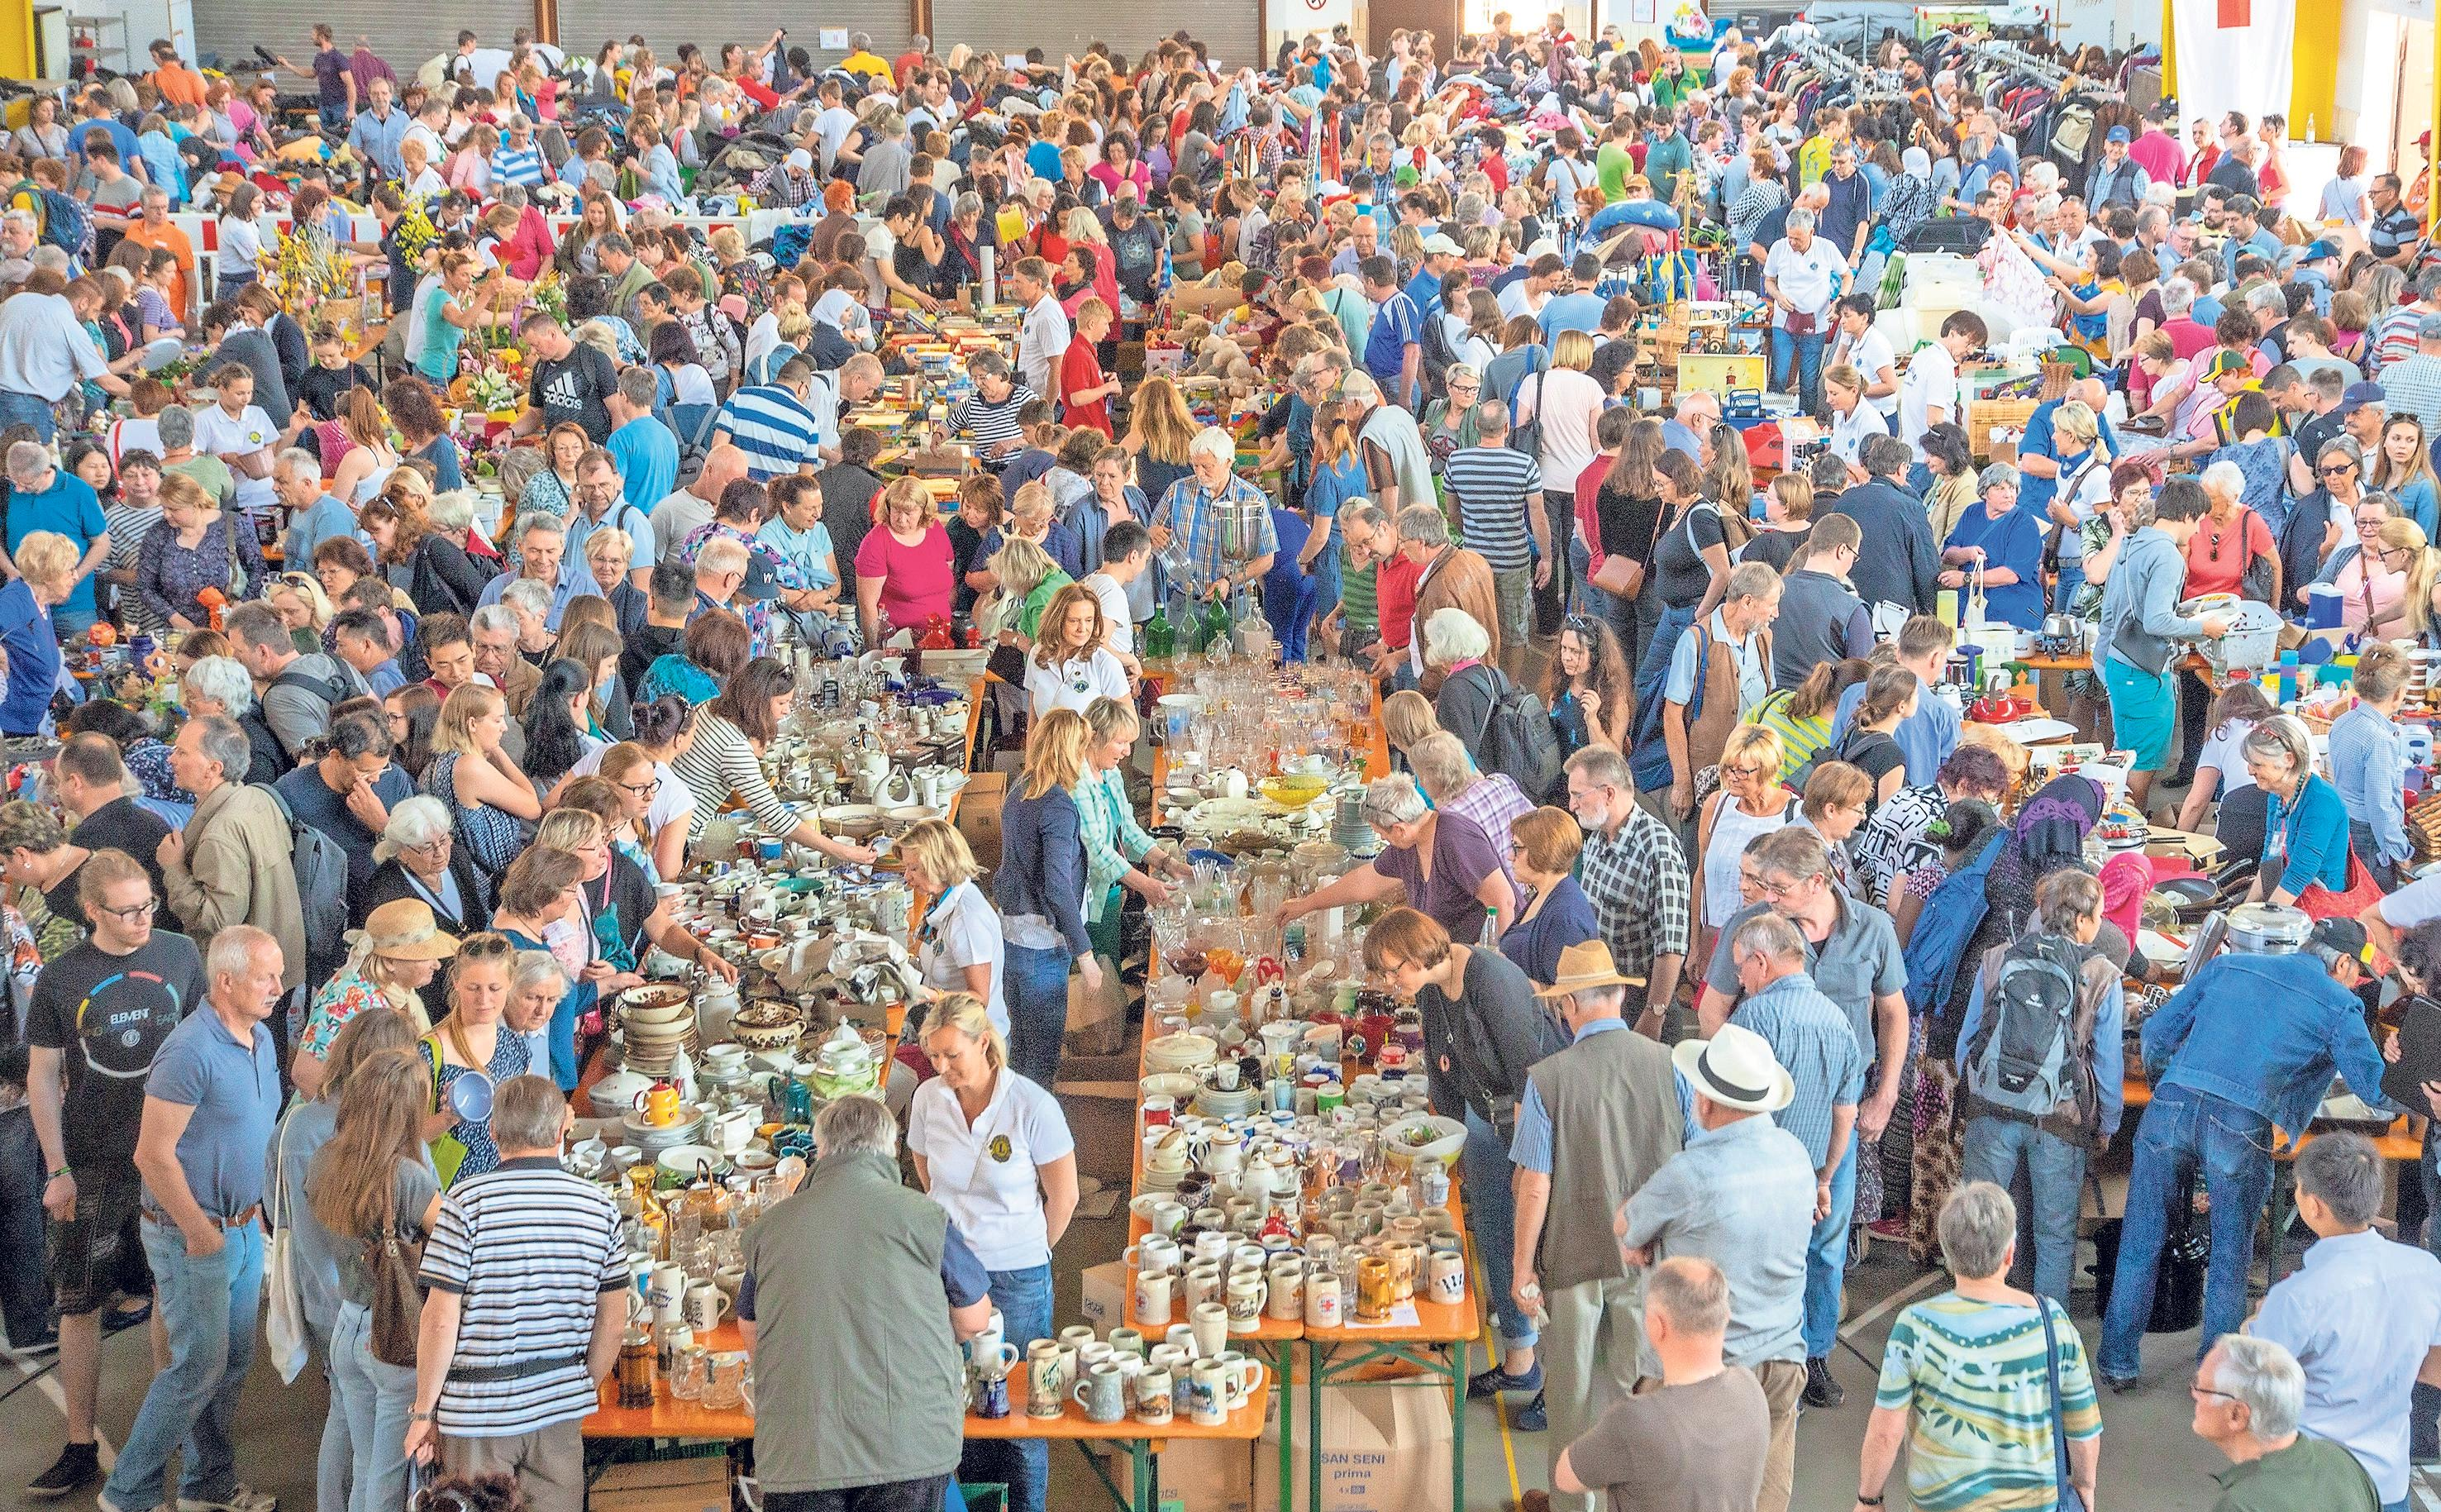 Am kommenden Sonntag werden wieder viele Besucher in der Rotmainhalle erwartet, wenn der Lions Club Bayreuth-Kulmbach zu seinem mittlerweile 47. Flohmarkt einlädt. Fotos: Andreas Harbach/Archiv